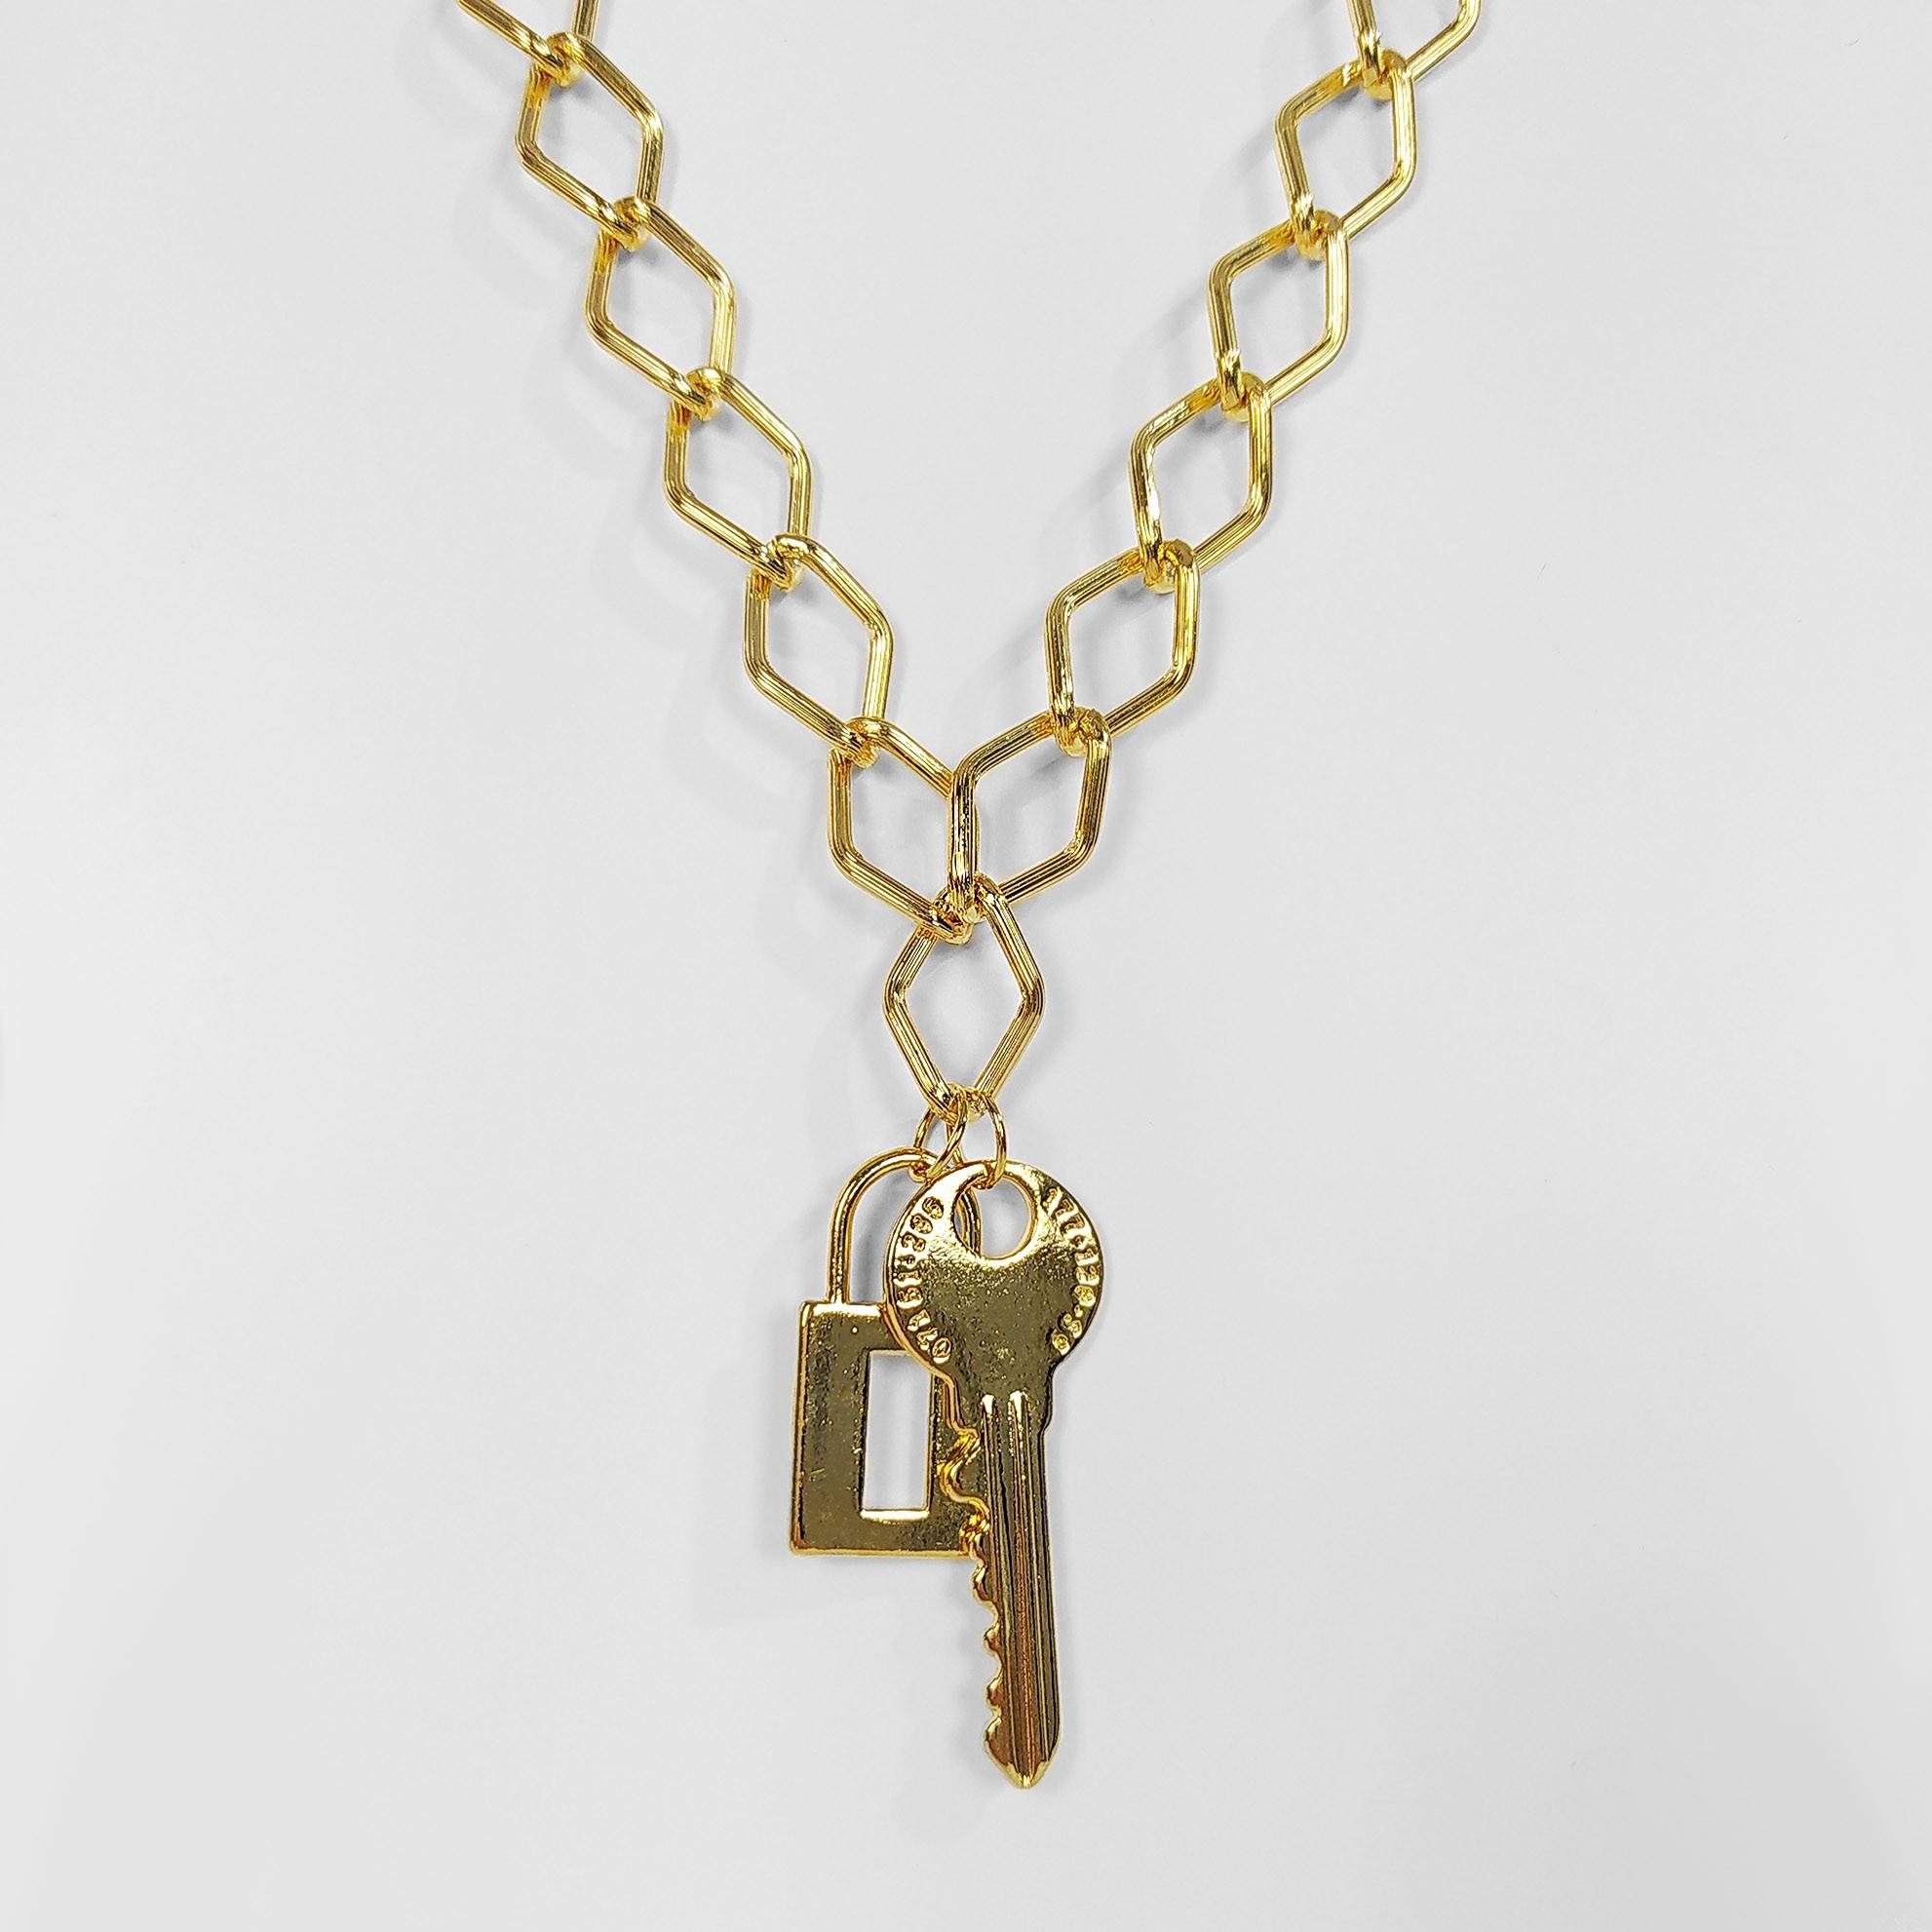 Colar Groumet Pingente Chave e Cadeado Folheado a Ouro 18k